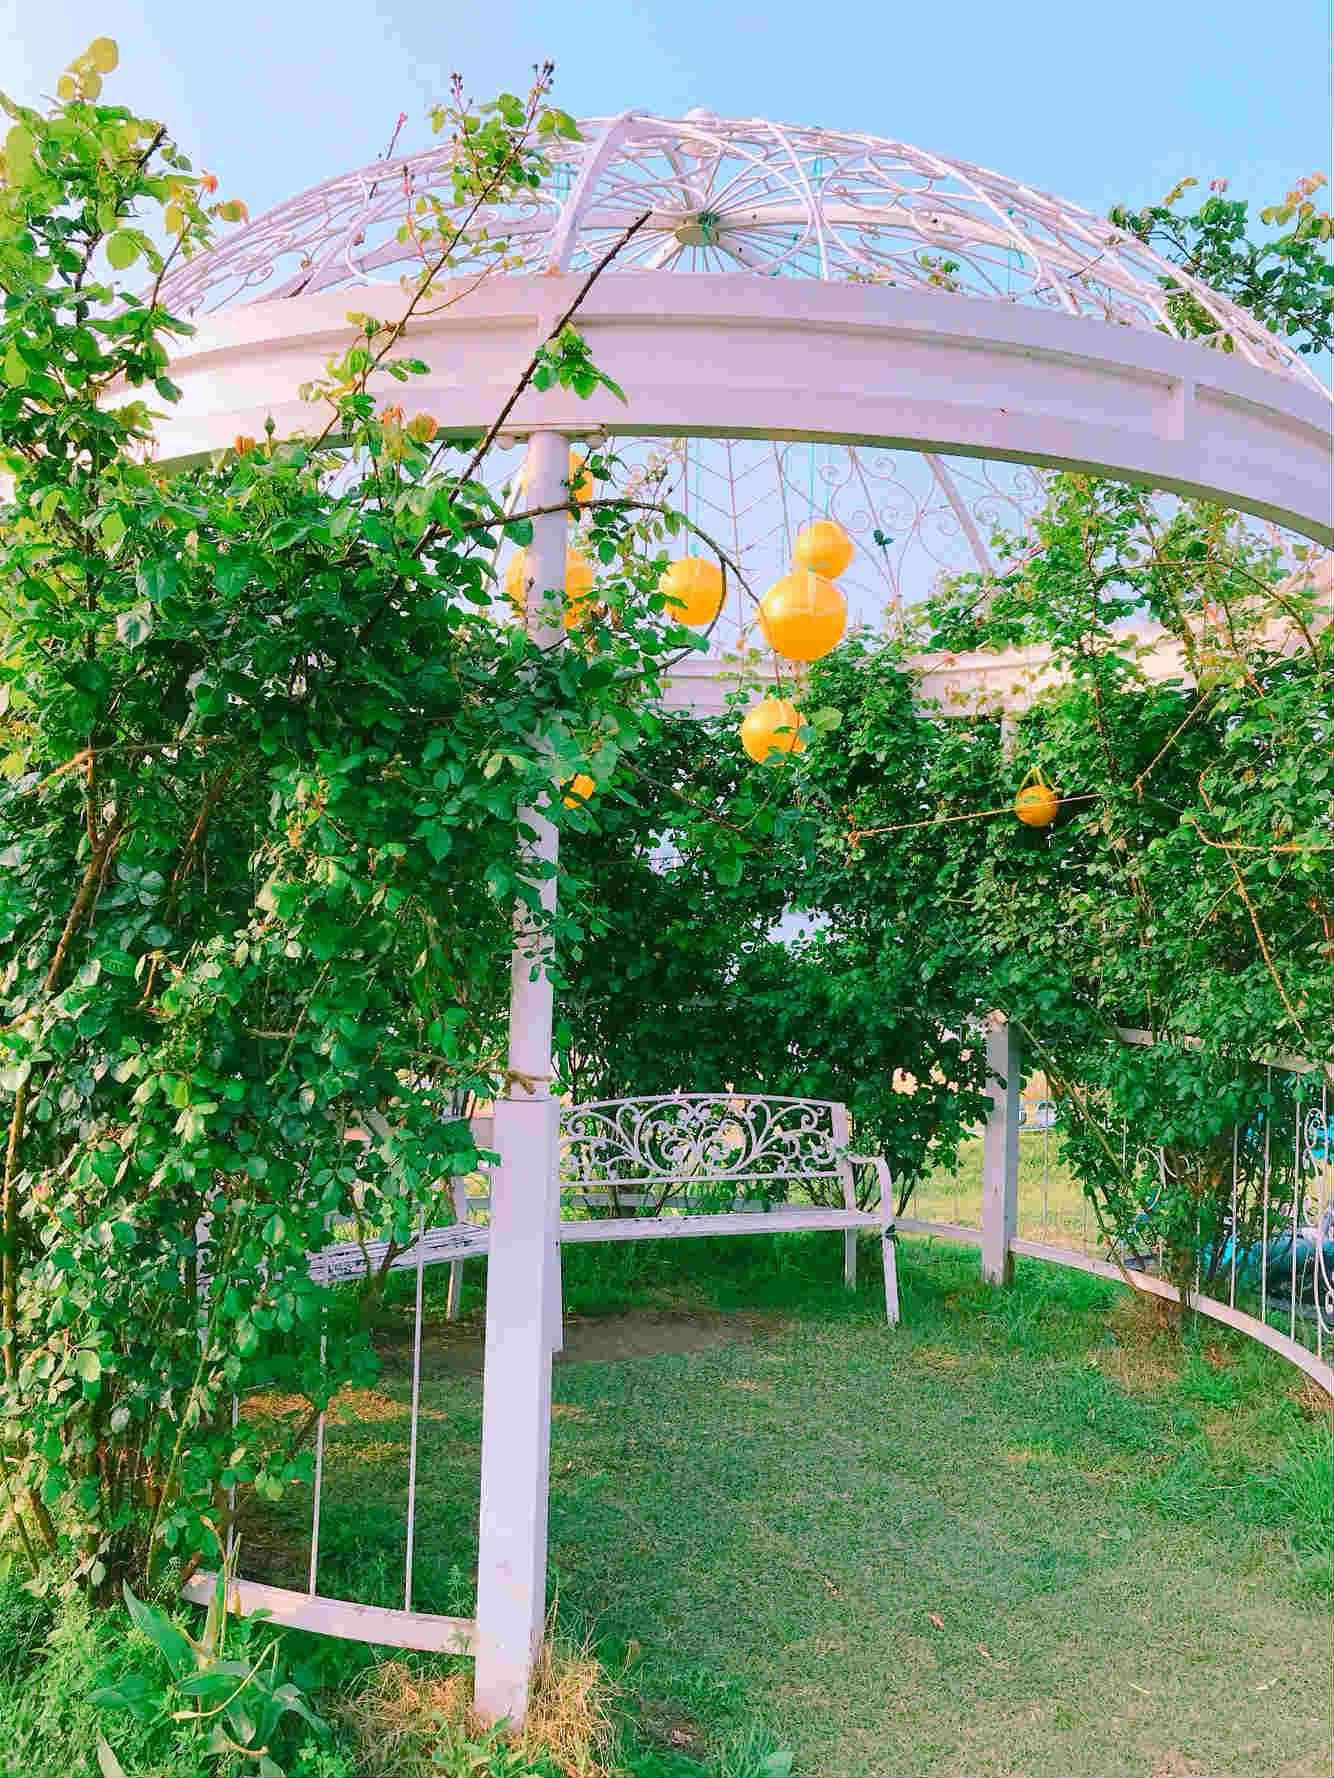 走到瑞來島的盡頭,還會看到幾個具有特色的小庭園,也是拍攝打卡照不可遺漏的場景之一呀!